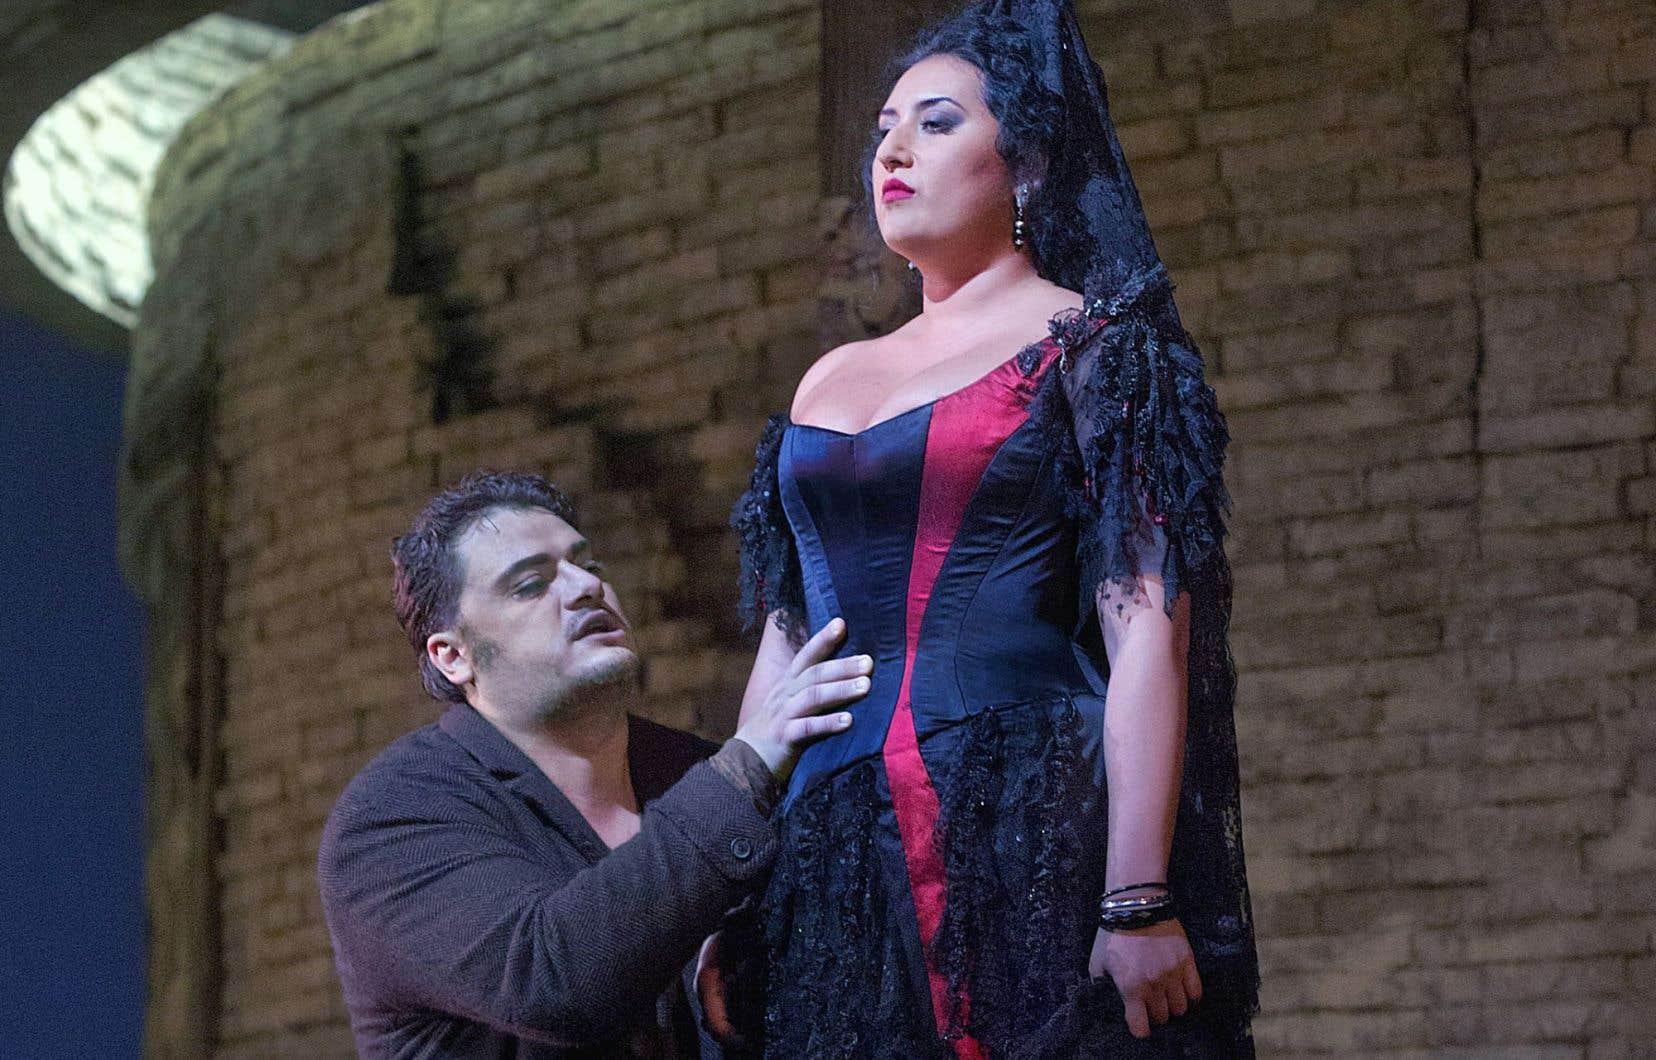 La reprise de 2014 de Carmen repose sur Anita Rachvelishvili, qui présente une animalité instinctive, et non pas jouée.